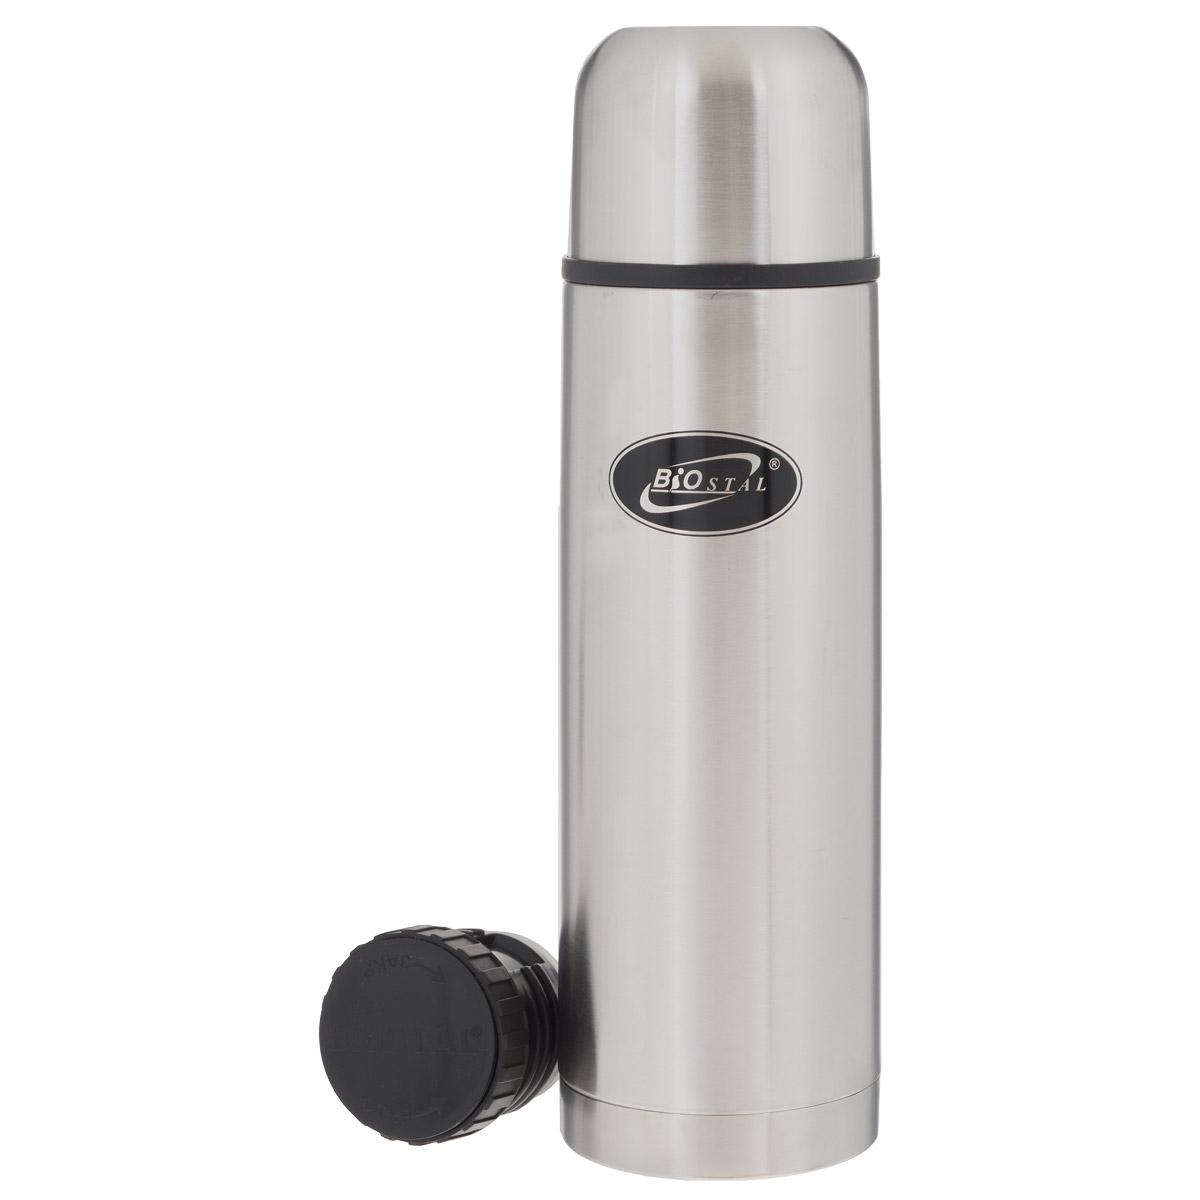 """Термос с узким горлом """"BIOSTAL"""", изготовленный из высококачественной нержавеющей стали, относится к классической серии. Термосы этой серии, являющейся лидером продаж, просты в использовании, экономичны и многофункциональны. Термос предназначен для хранения горячих и холодных напитков (чая, кофе) и укомплектован двумя пробками: пробка без кнопки надежна, проста в использовании и позволяет дольше сохранять тепло благодаря дополнительной теплоизоляции, пробка с кнопкой удобна в использовании и позволяет, не отвинчивая ее, наливать напитки после простого нажатия. Изделие также оснащено крышкой-чашкой. Легкий и прочный термос """"BIOSTAL"""" сохранит ваши напитки горячими или холодными надолго."""